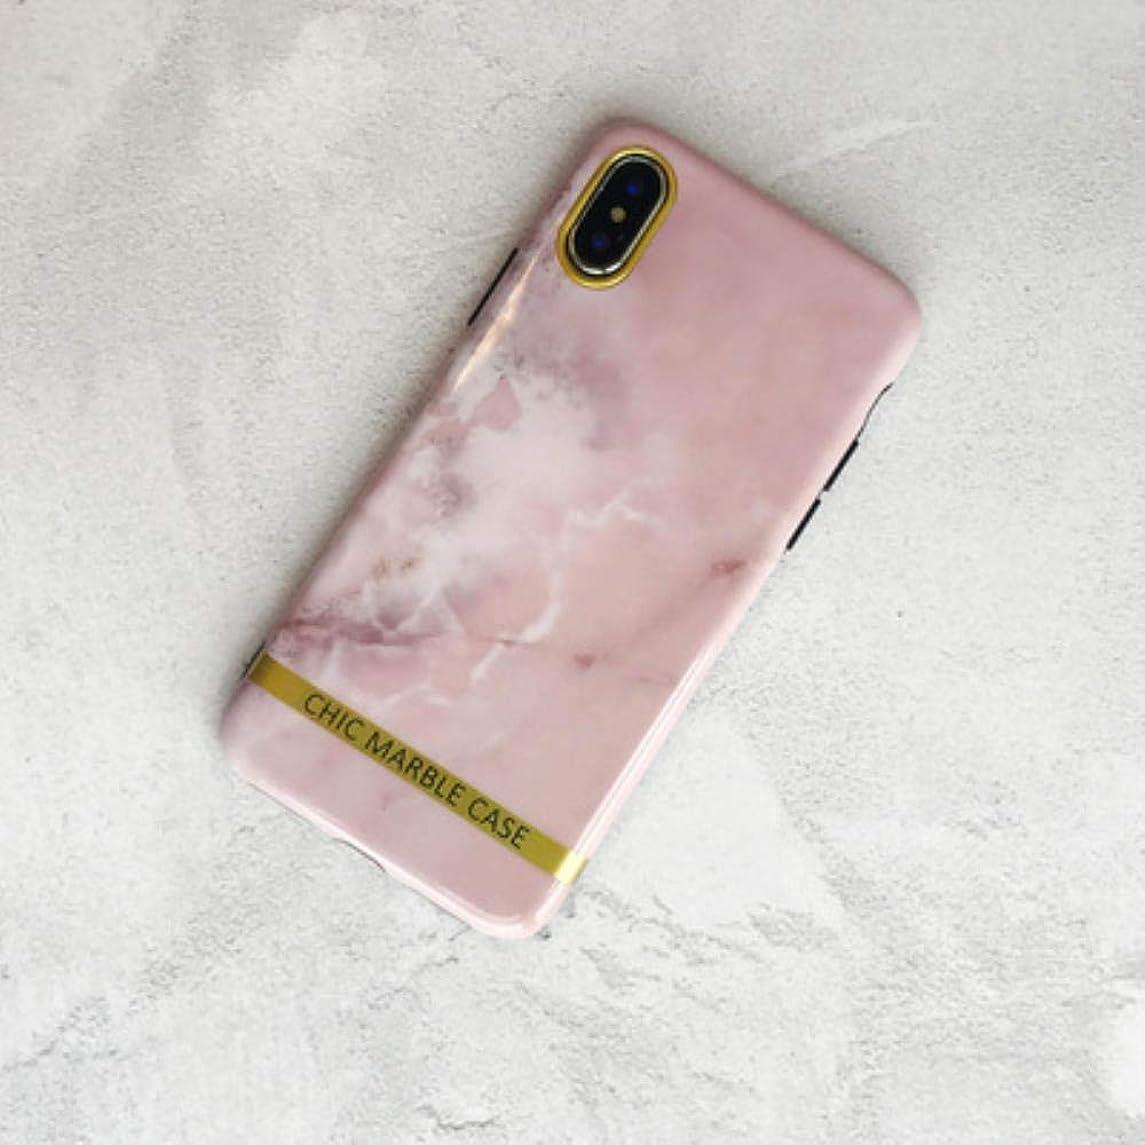 動機付けるバックグラウンド賃金iPhone 11 11Pro Max XS Max XR用ケース 光沢ソフトシリコンケース iPhone 6 6s 7 8 Plus ファンダカバーキャップ For iphone 11Pro Max ピンク erp-12382730524280056028-29